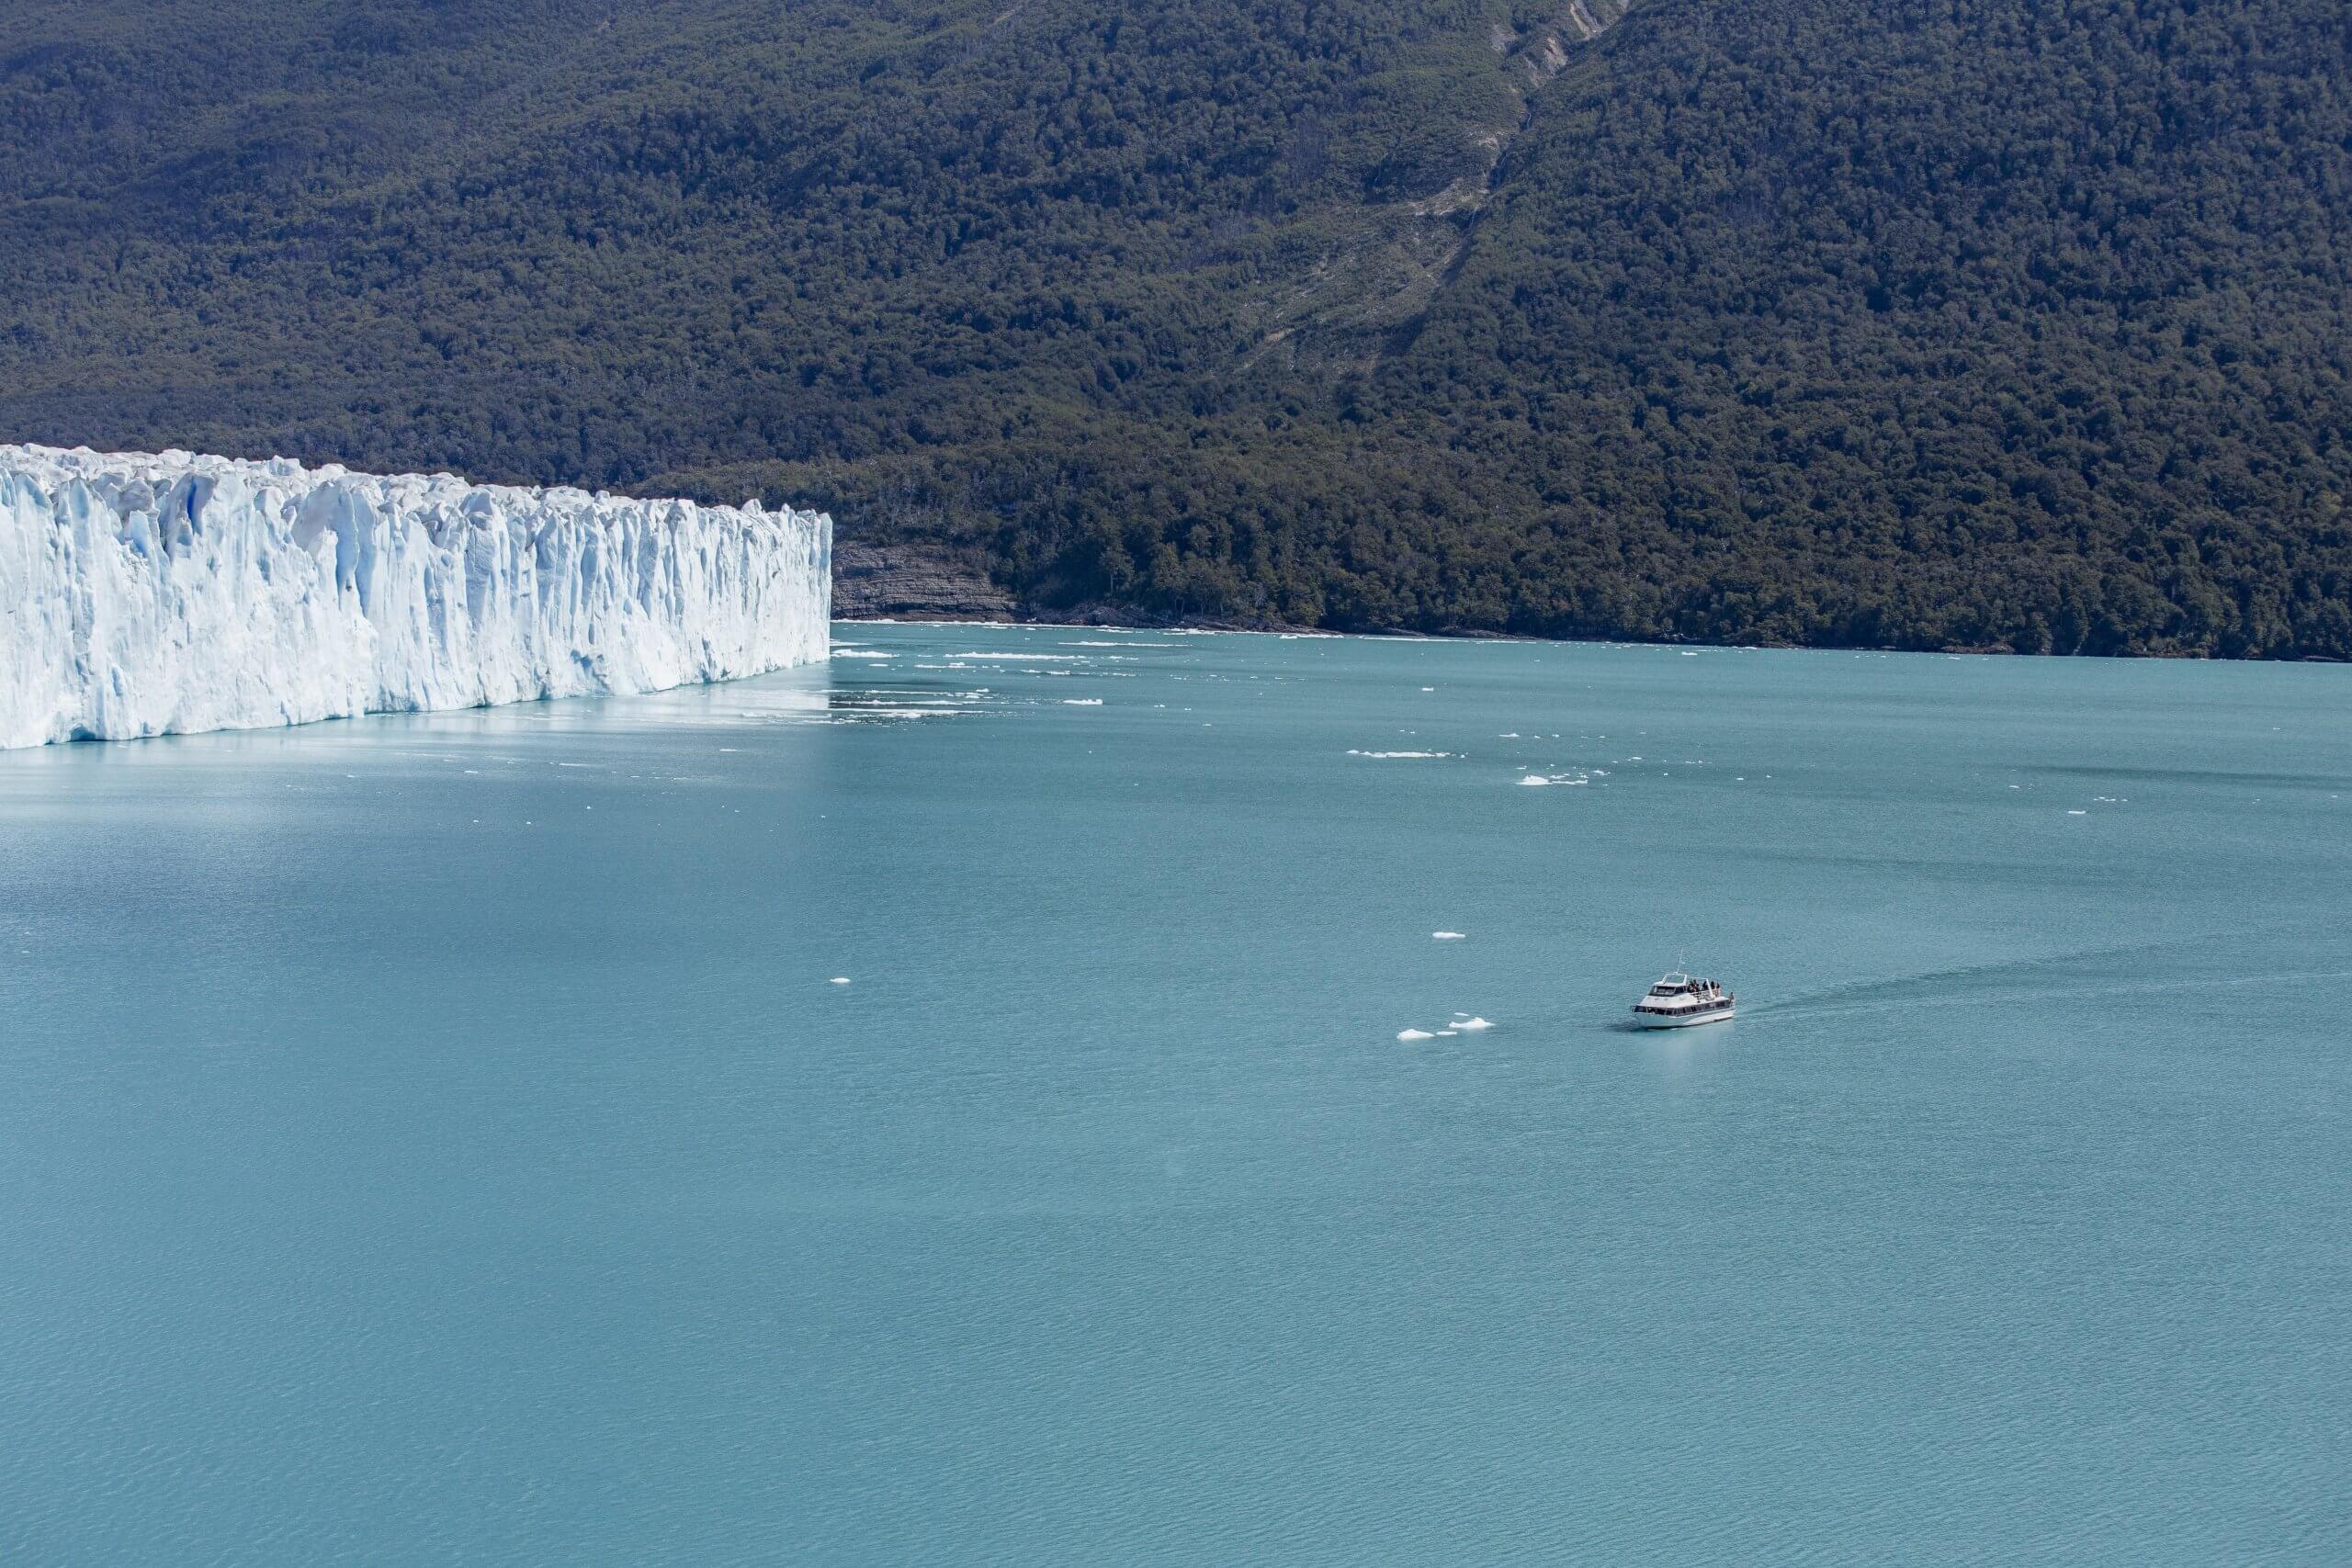 Ausflugsboot in der Gletscherlagune